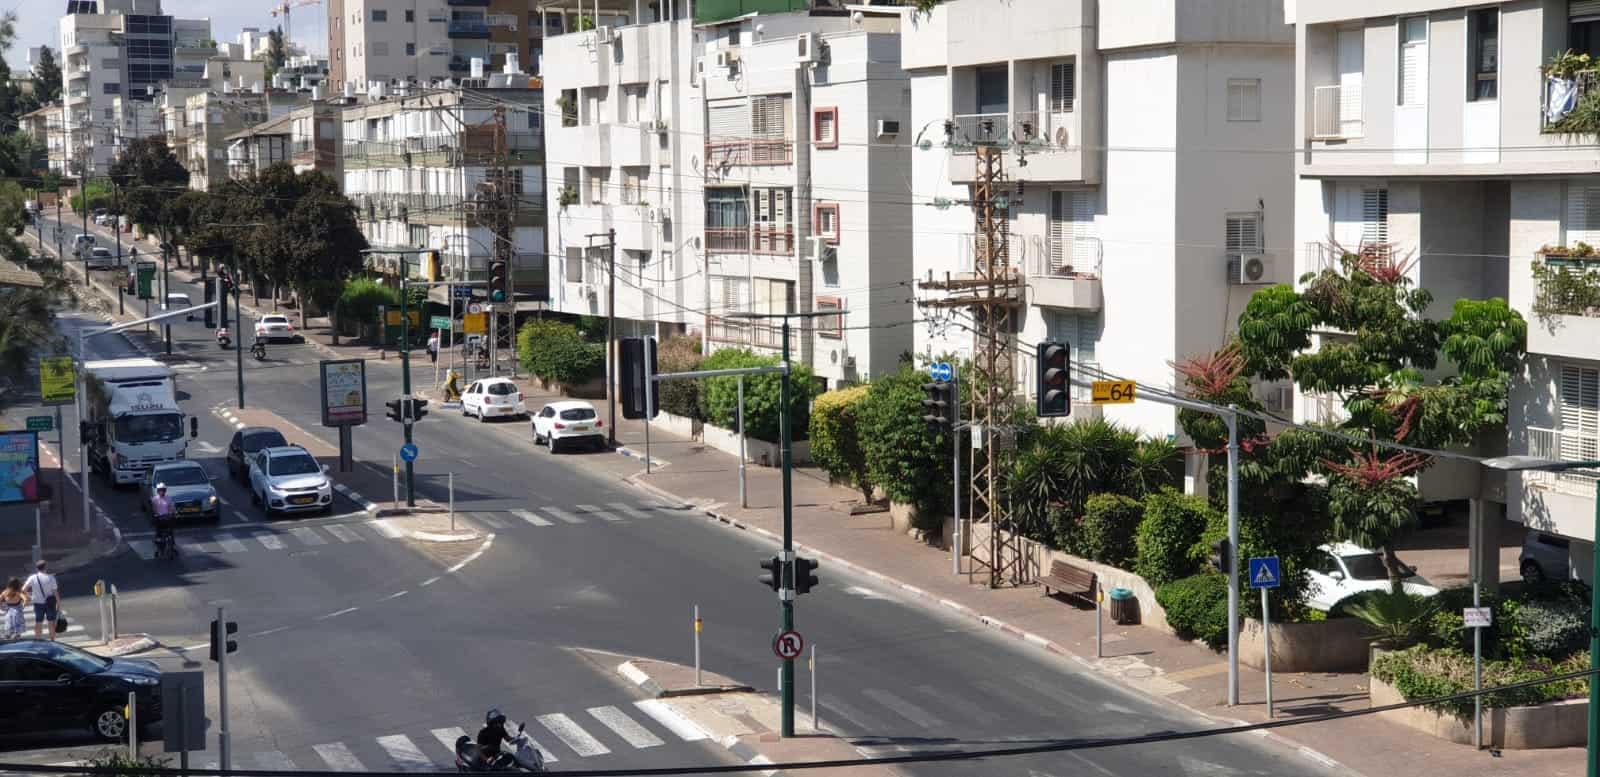 רחוב בן גוריון ברמת גן. צילום: מערכת האתר